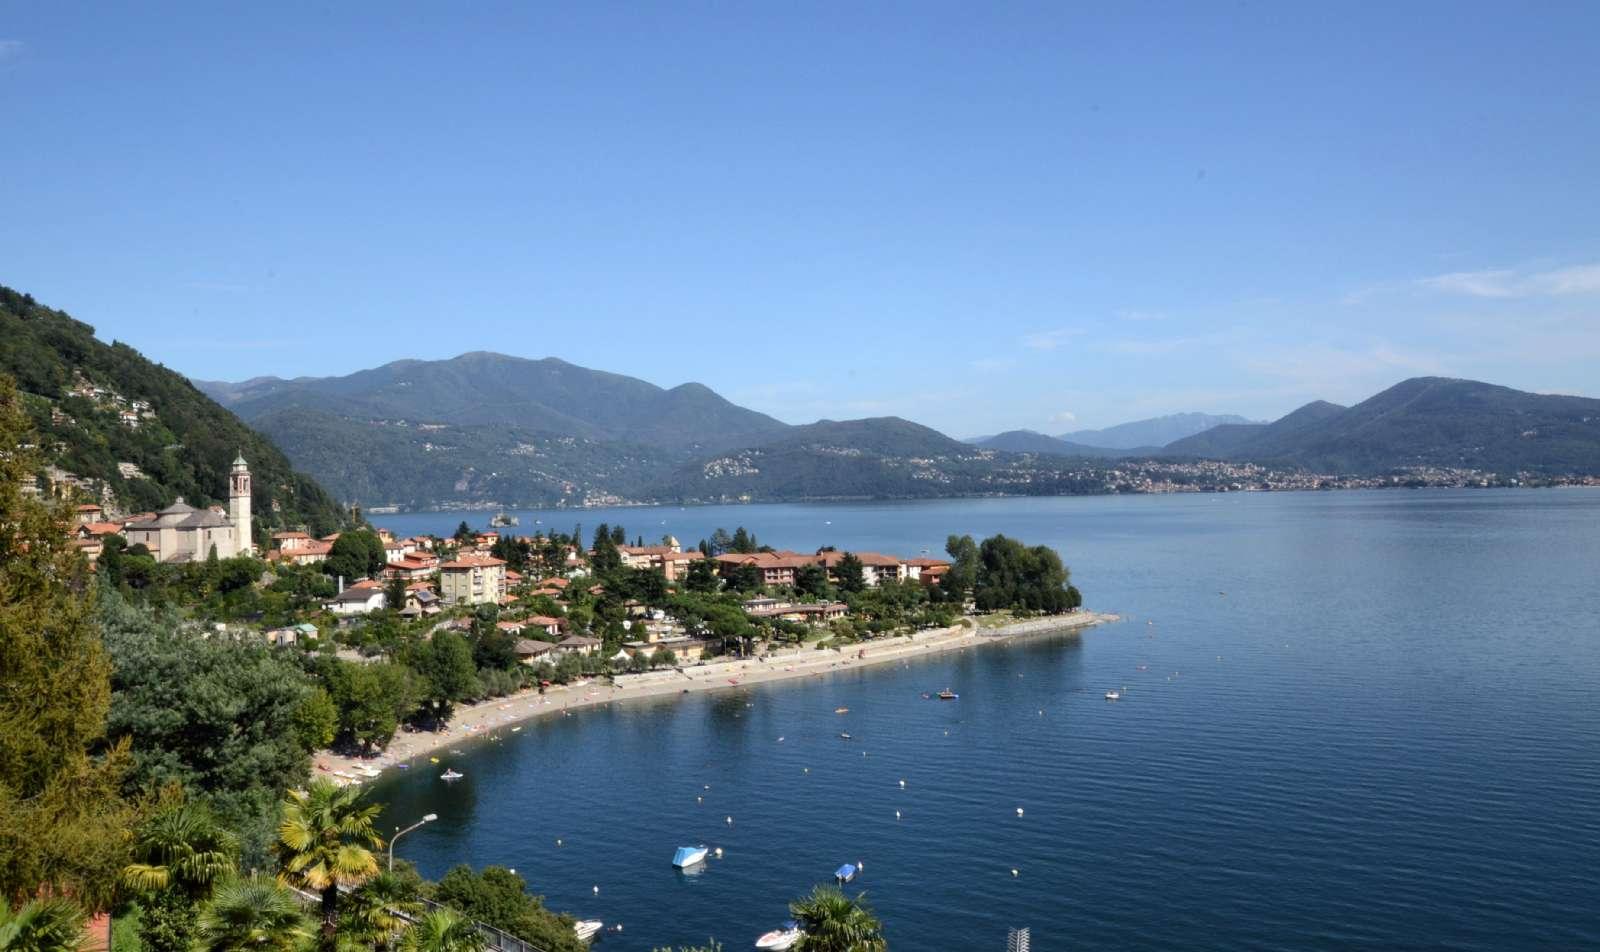 Utsikten mot Cannero Riviera och sjöstranden från hotellet